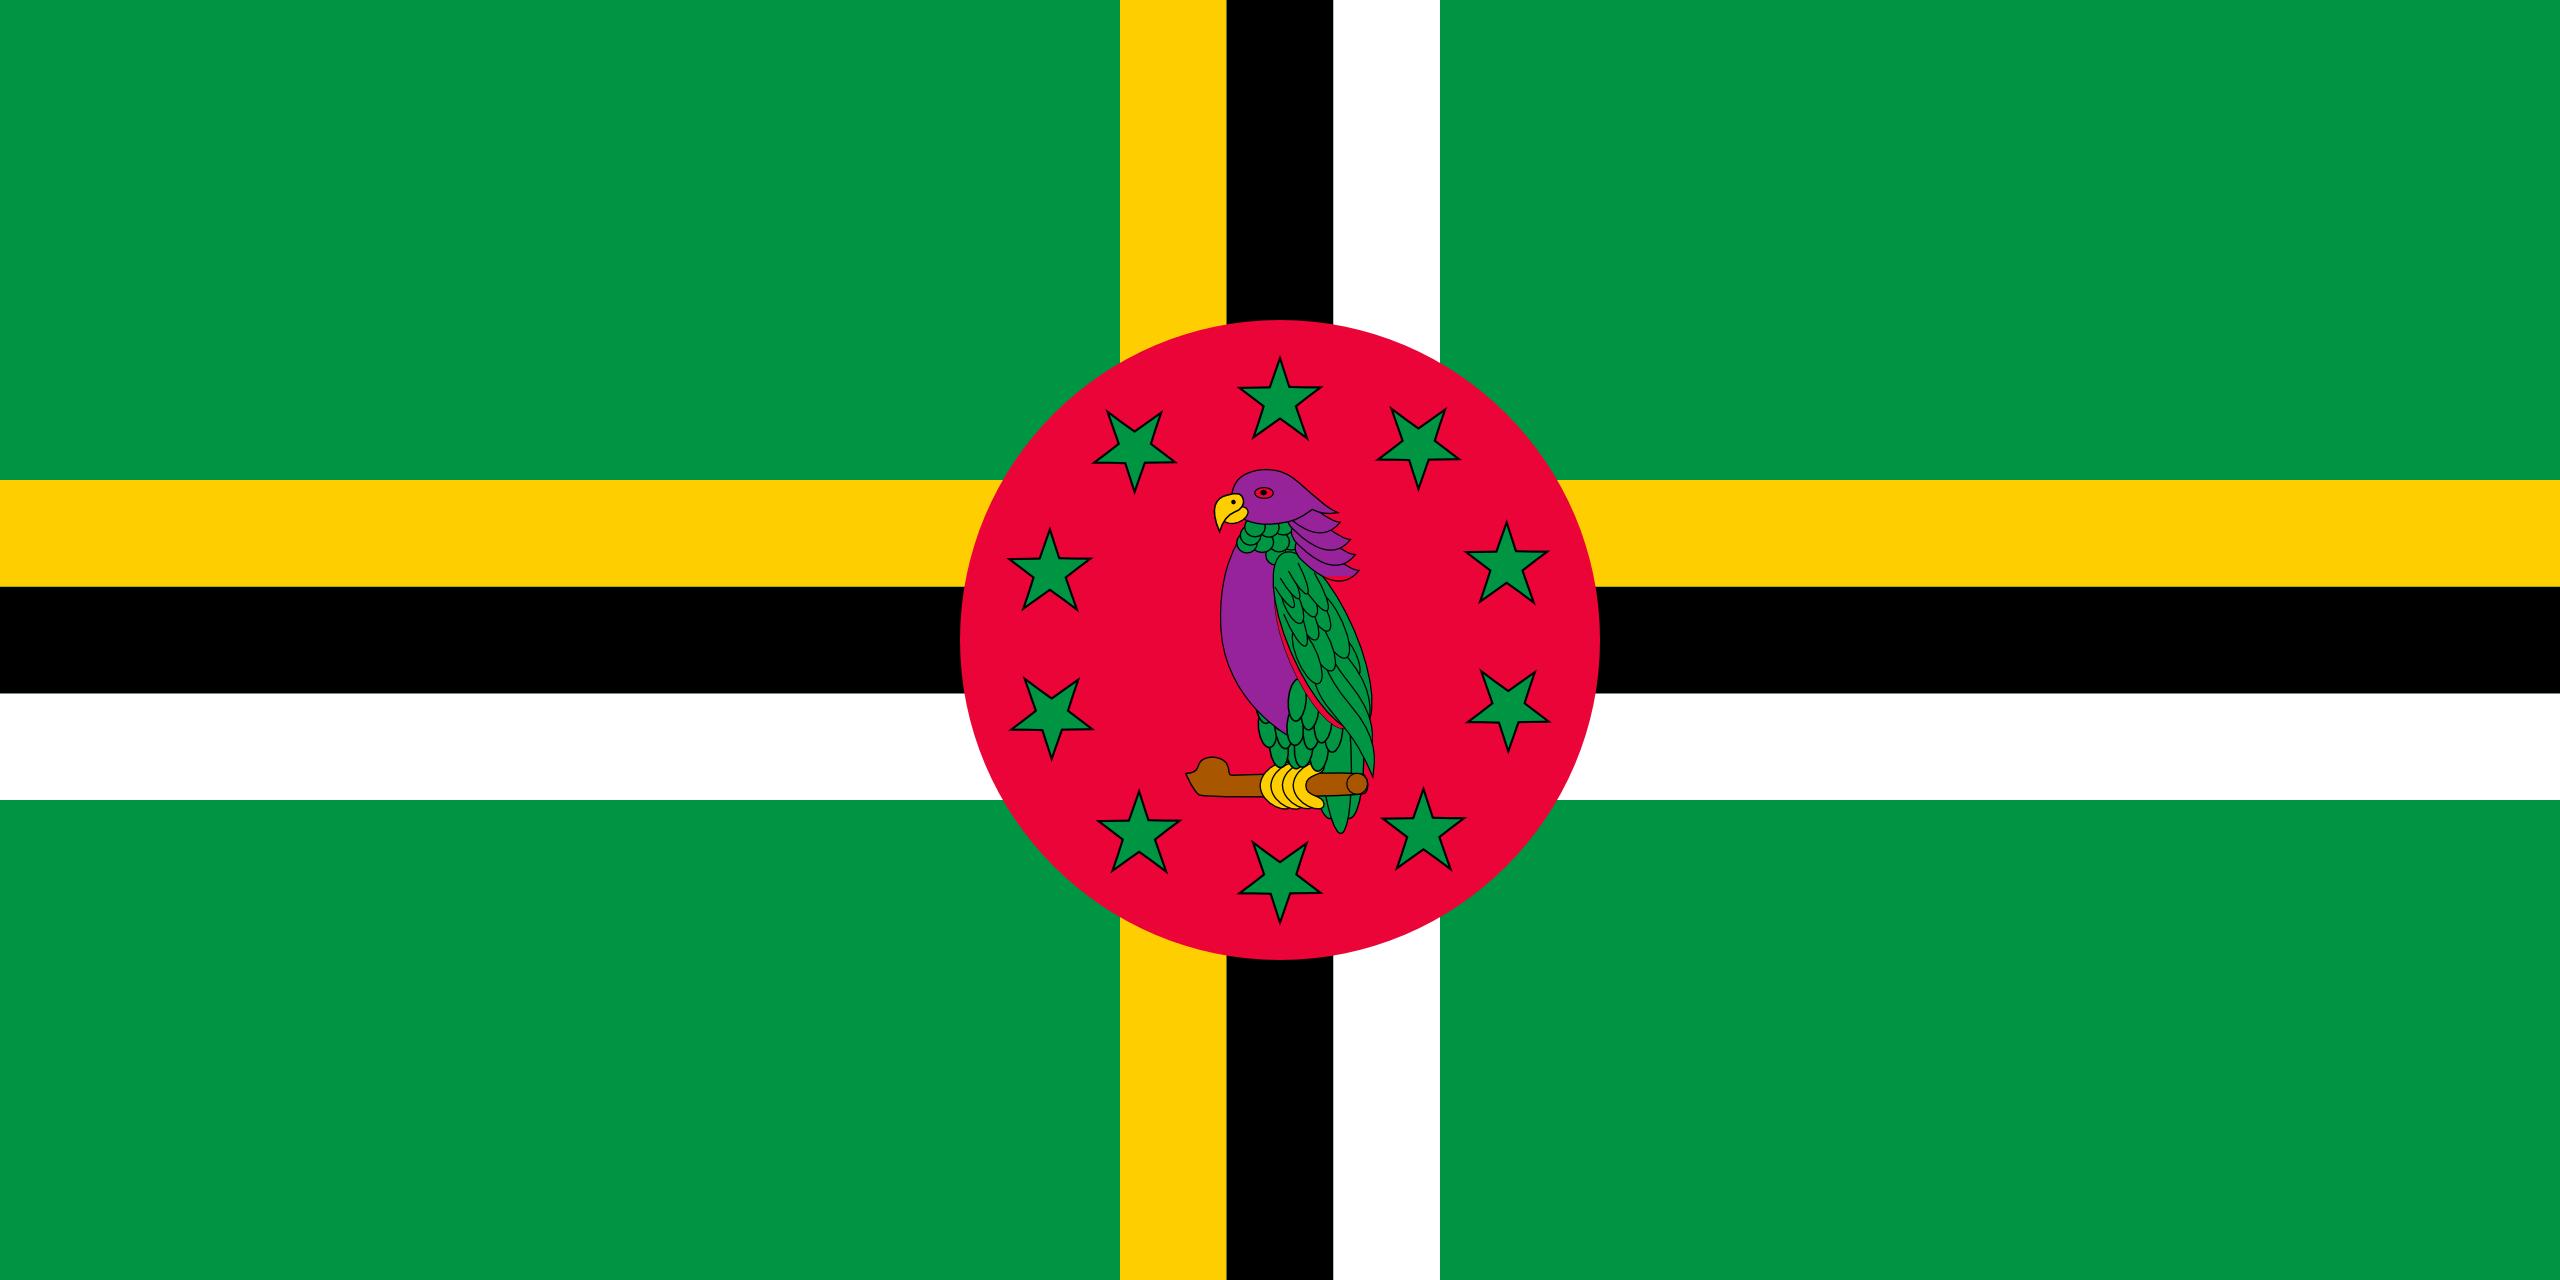 dominica, pays, emblème, logo, symbole - Fonds d'écran HD - Professor-falken.com